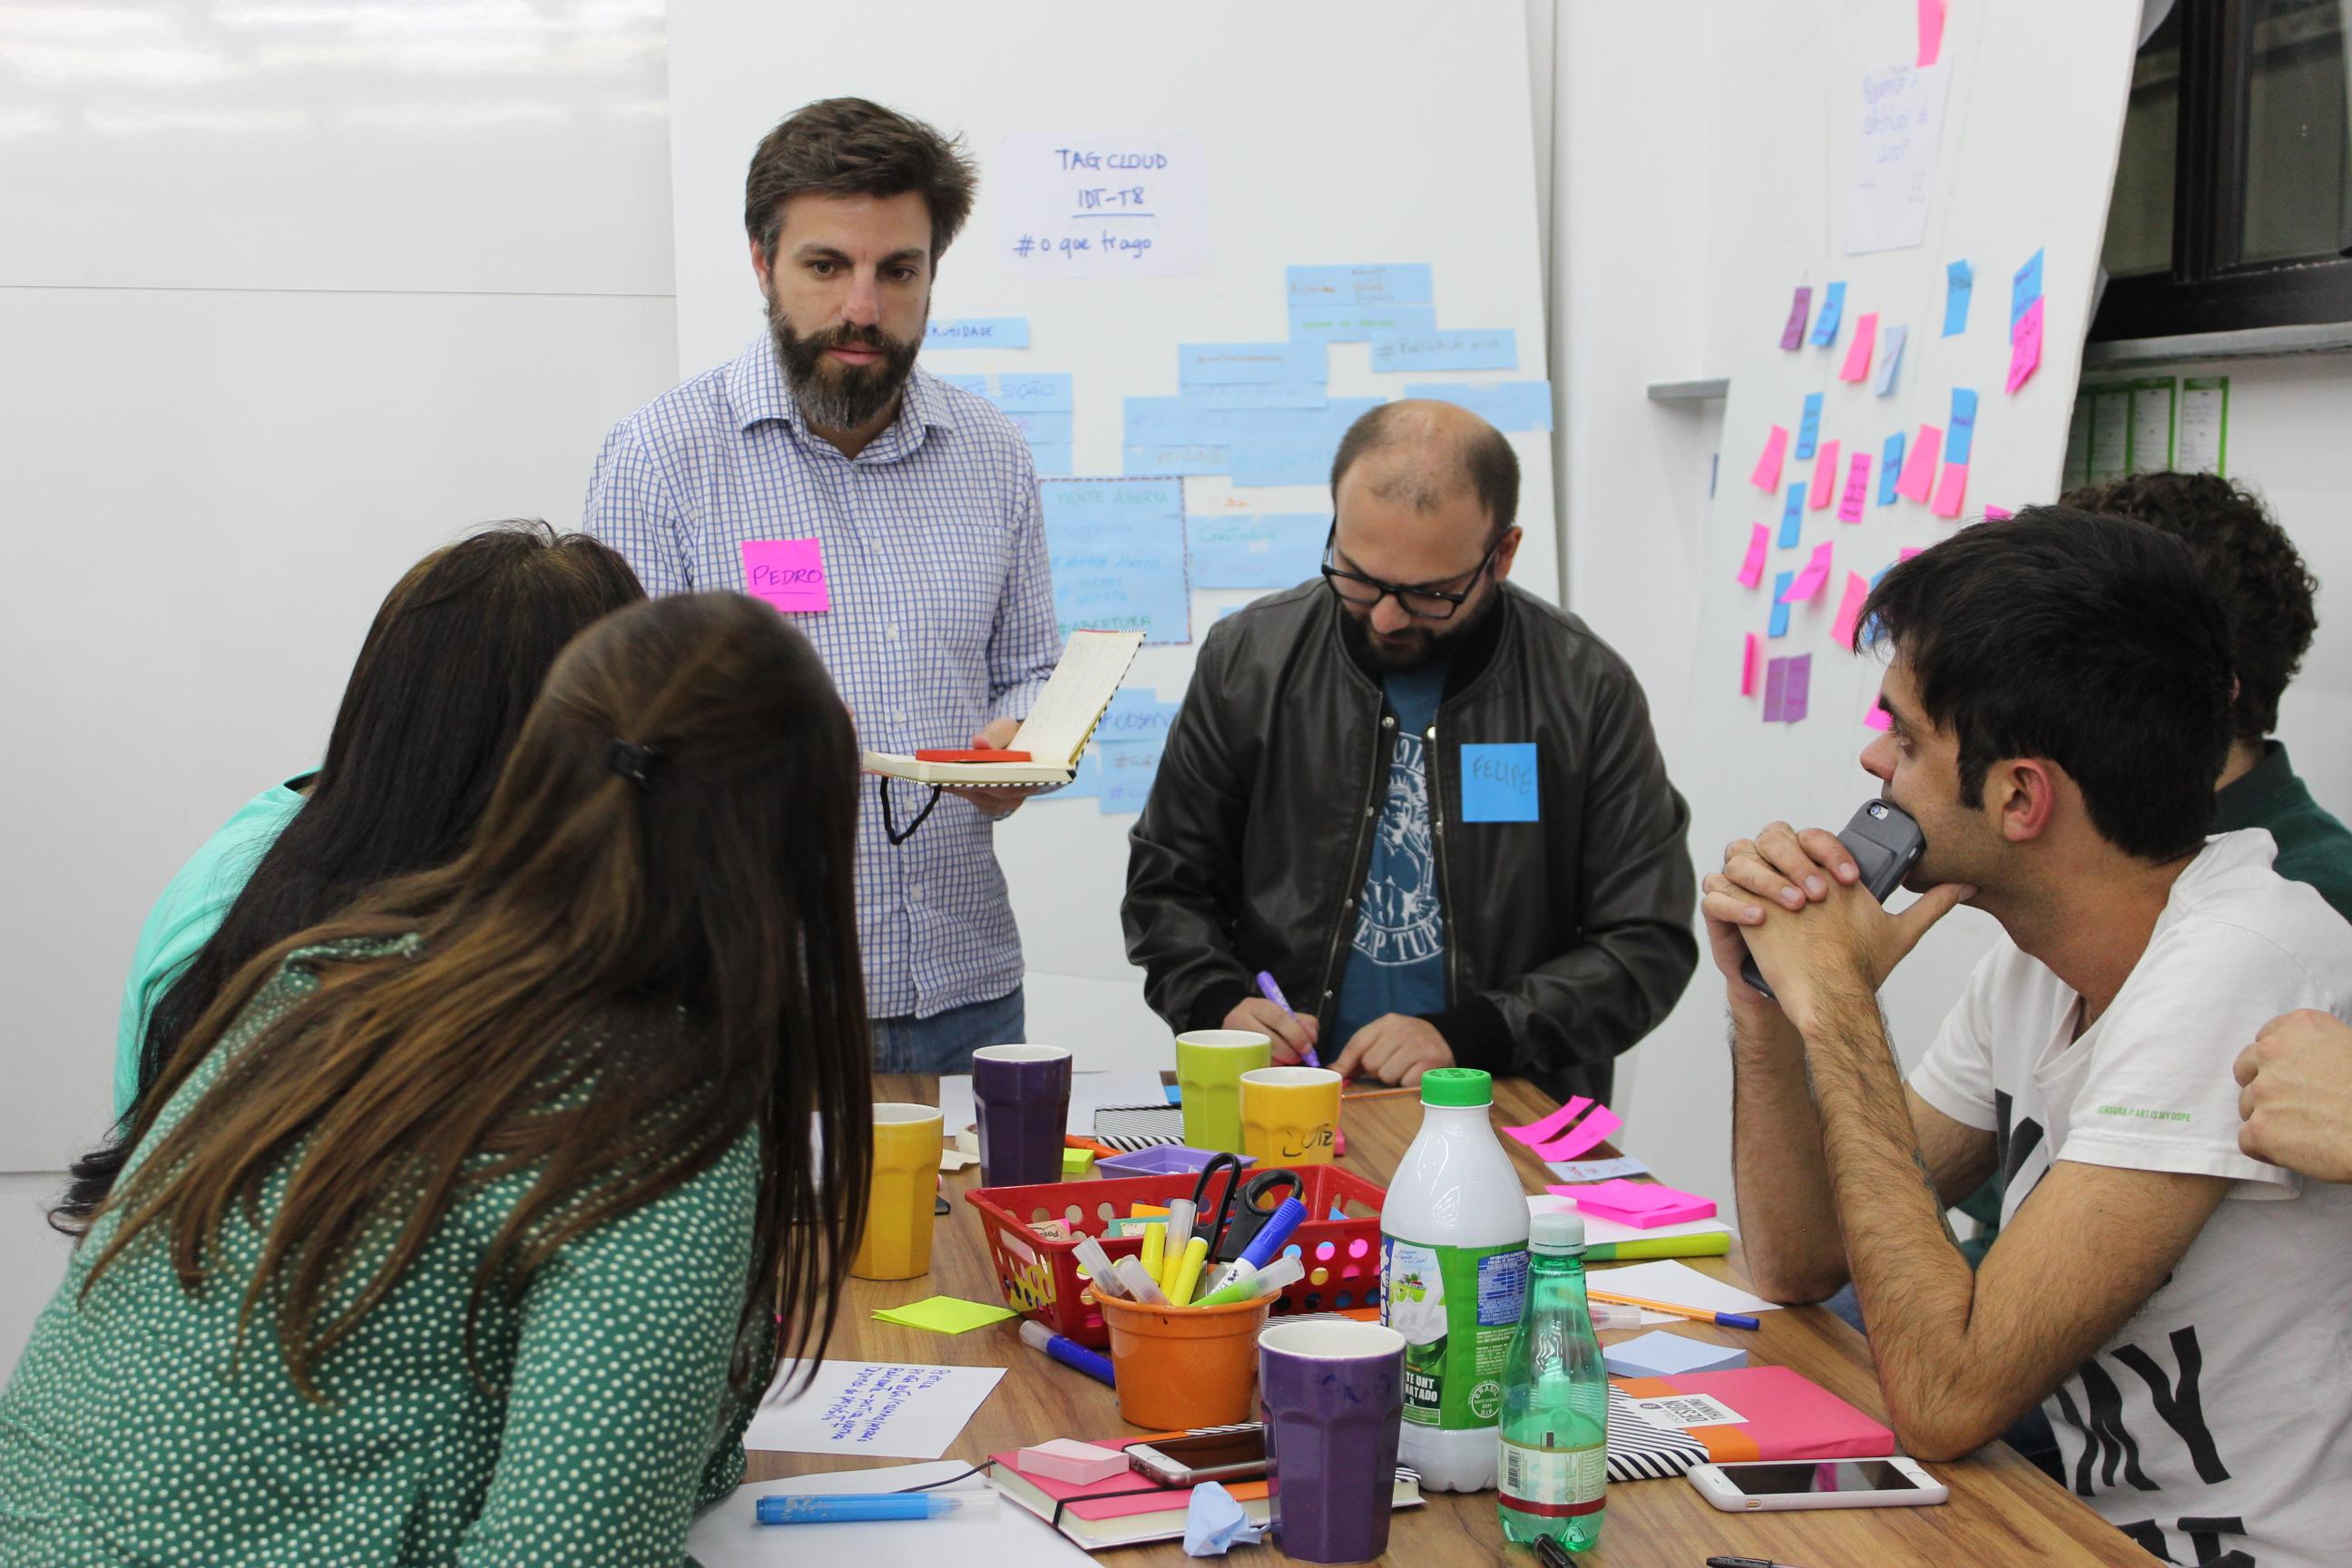 a06d3e51d Gestão de projetos  como o design thinking pode ajudar  - Escola Design  Thinking